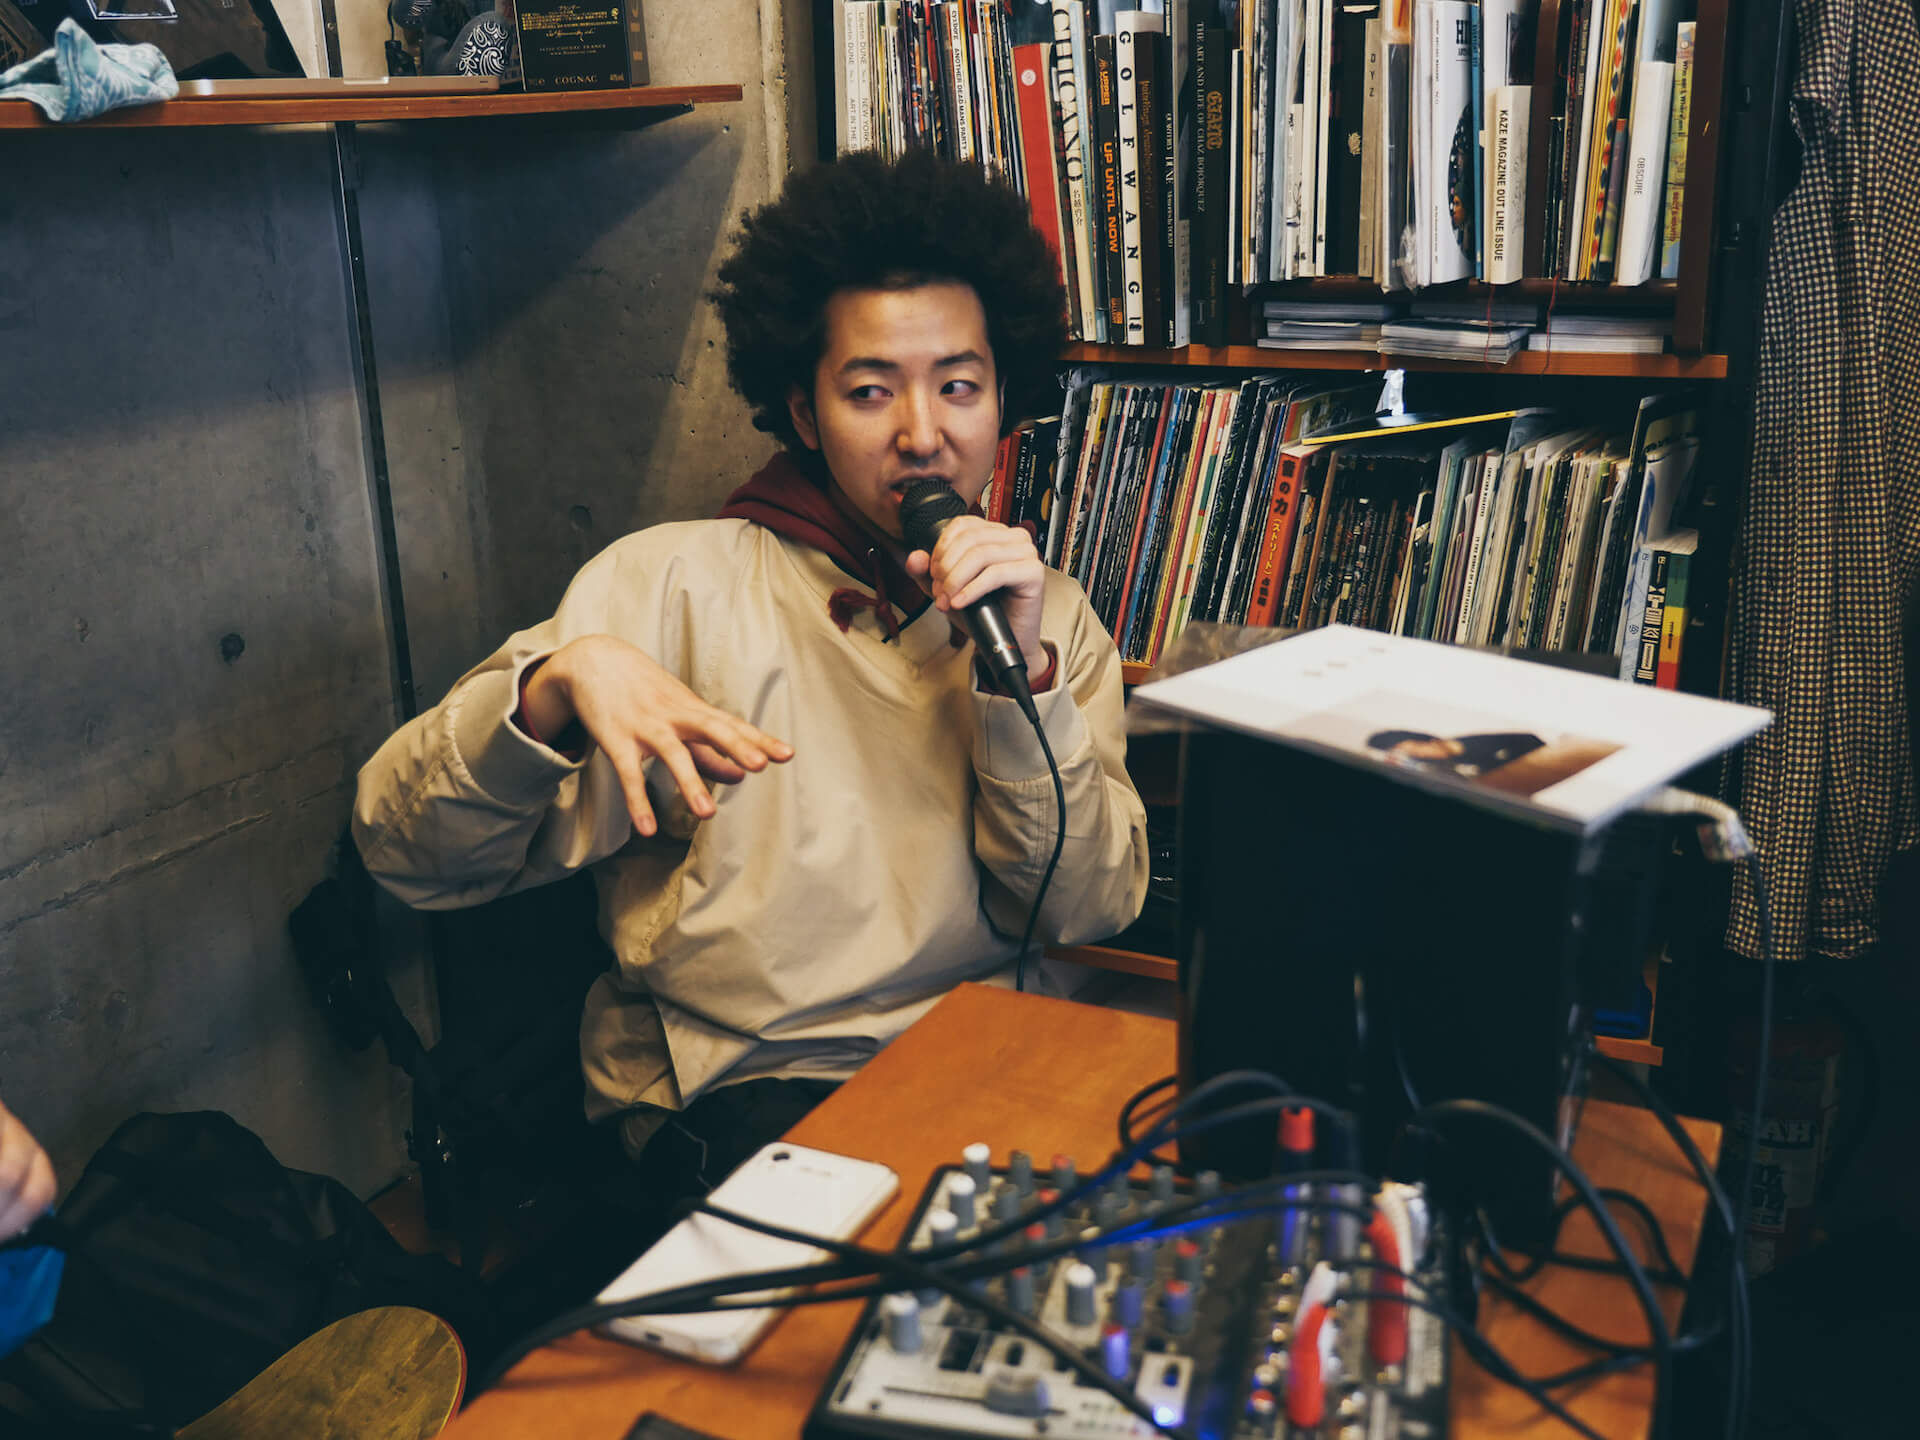 ビートは世界と出会う――BEAT MEETS WORLD x WANDERMAN POP UP in RAH YOKOHAMA REPORT interview-beat-meets-world-pop-up-report-11